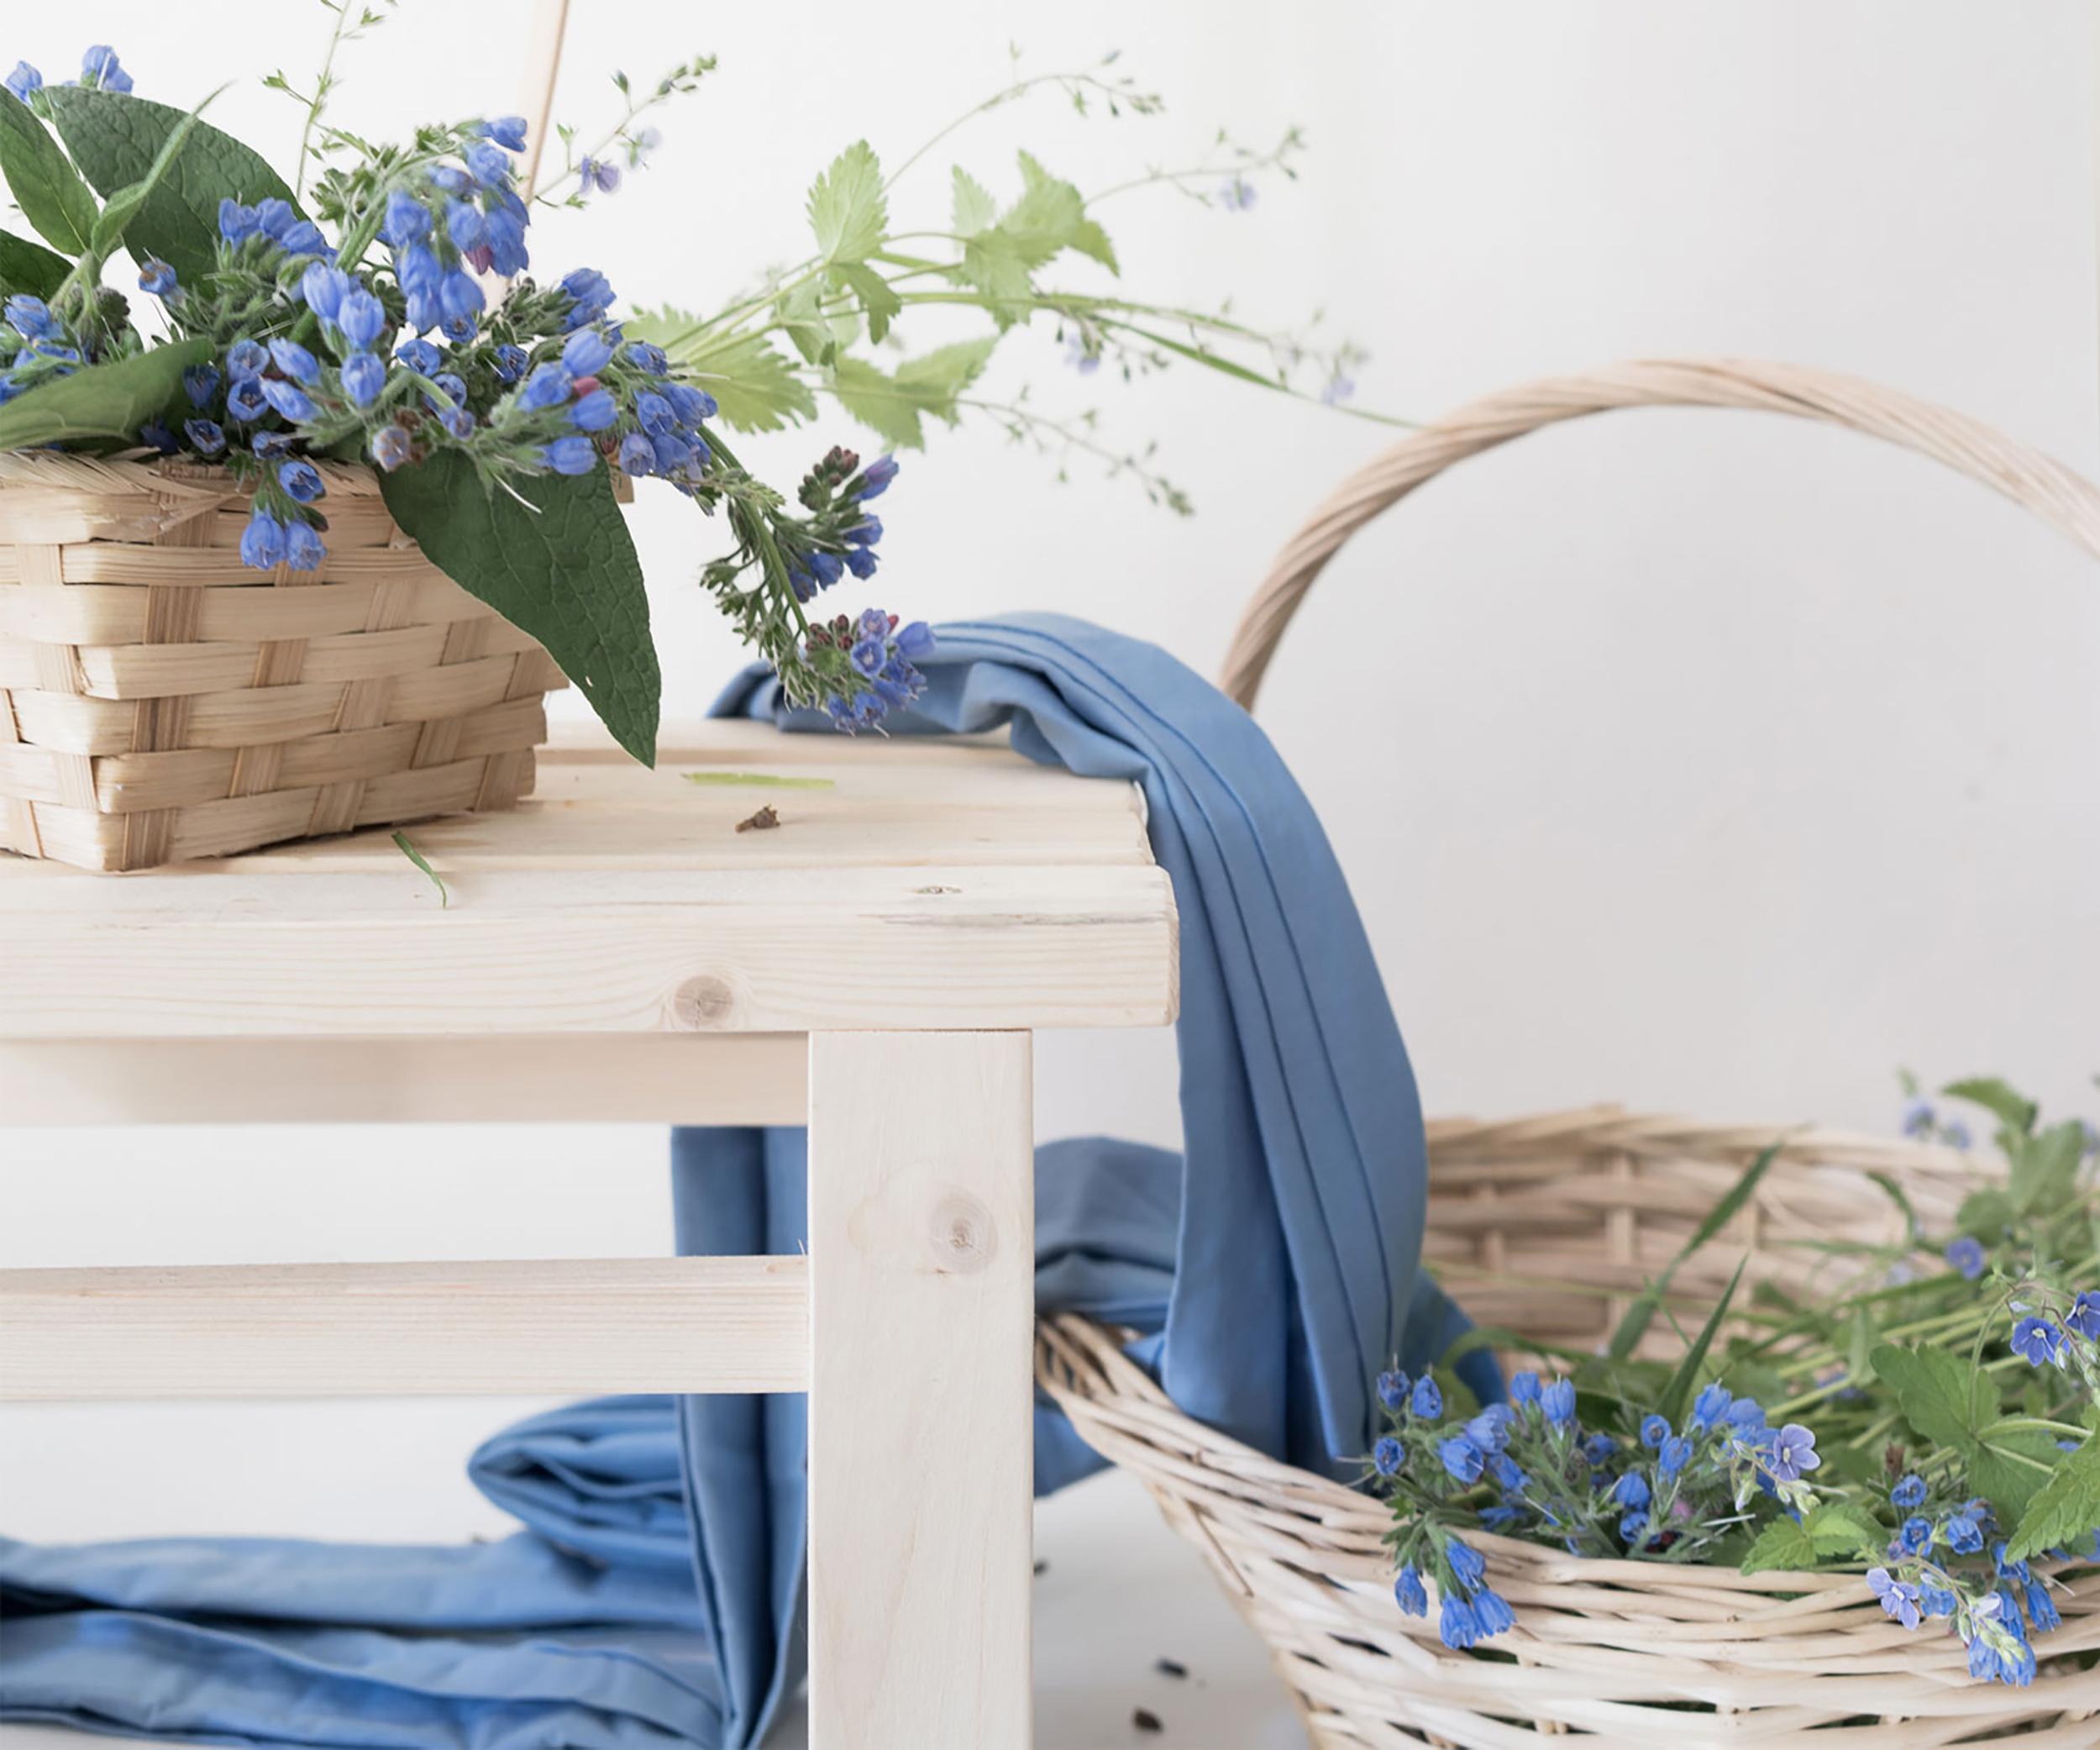 Basket-of-Blue-Flowers.jpg